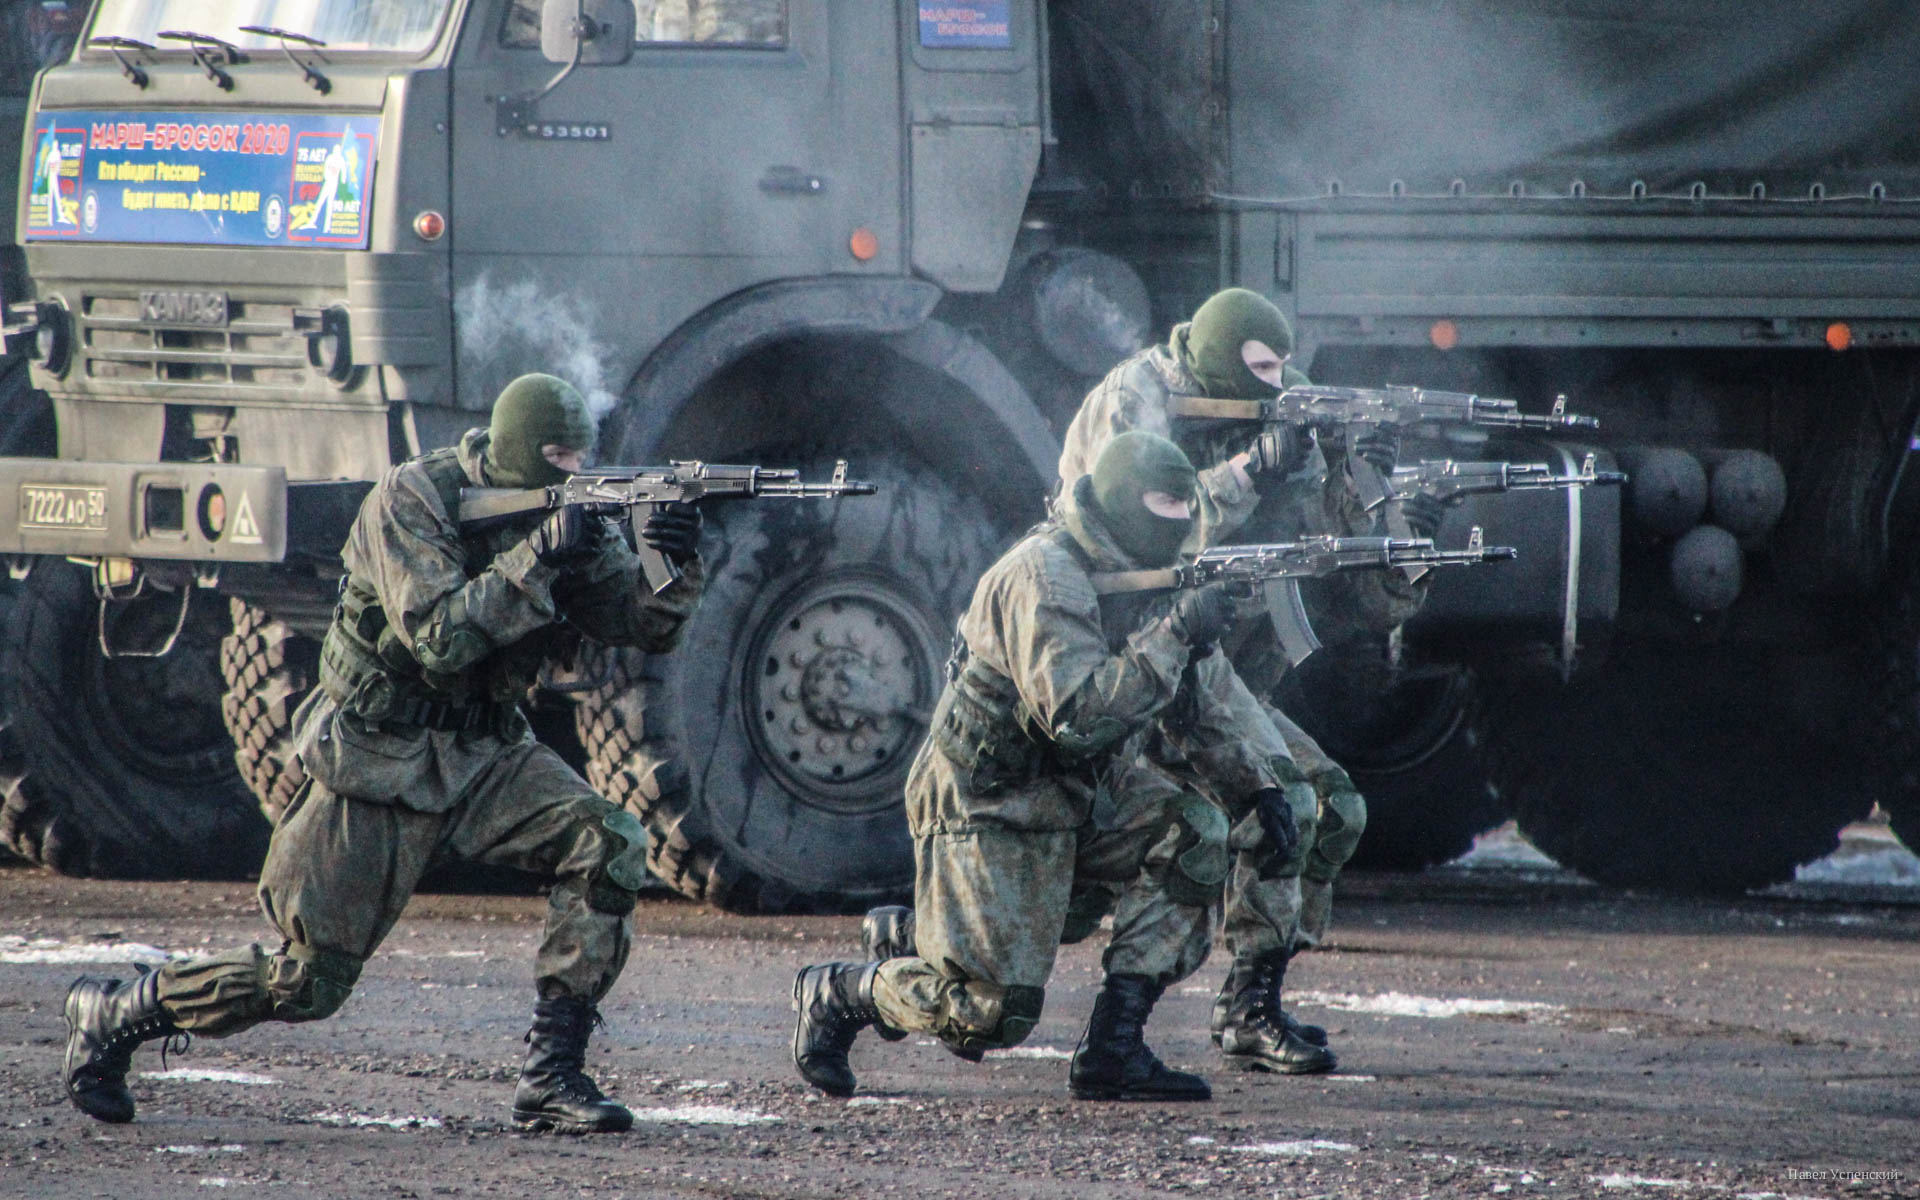 В Твери спецназ ВДВ устроил шоу с огнем и стрельбой - новости Афанасий